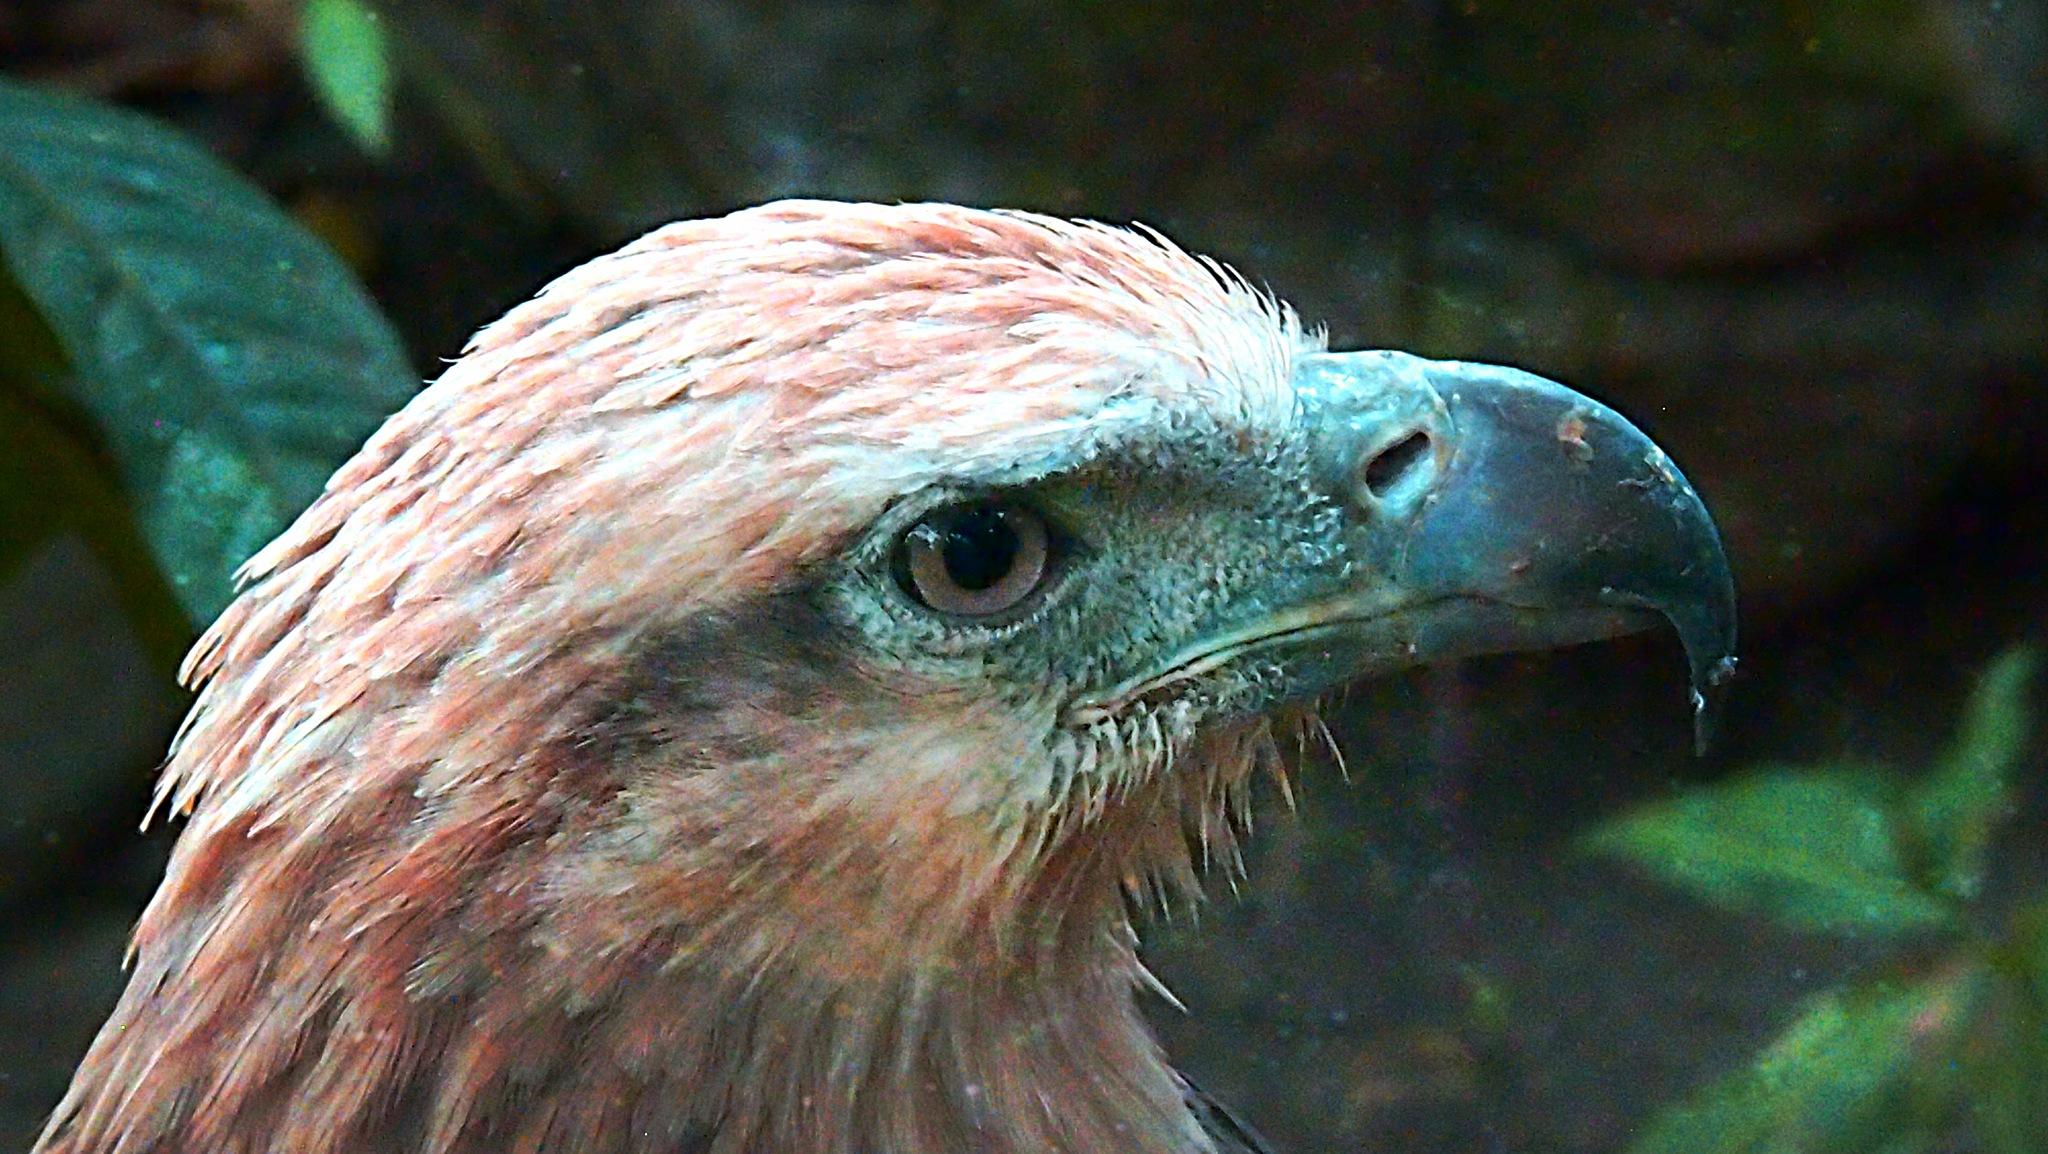 Eagle by Rudy Tarrazona Guacena